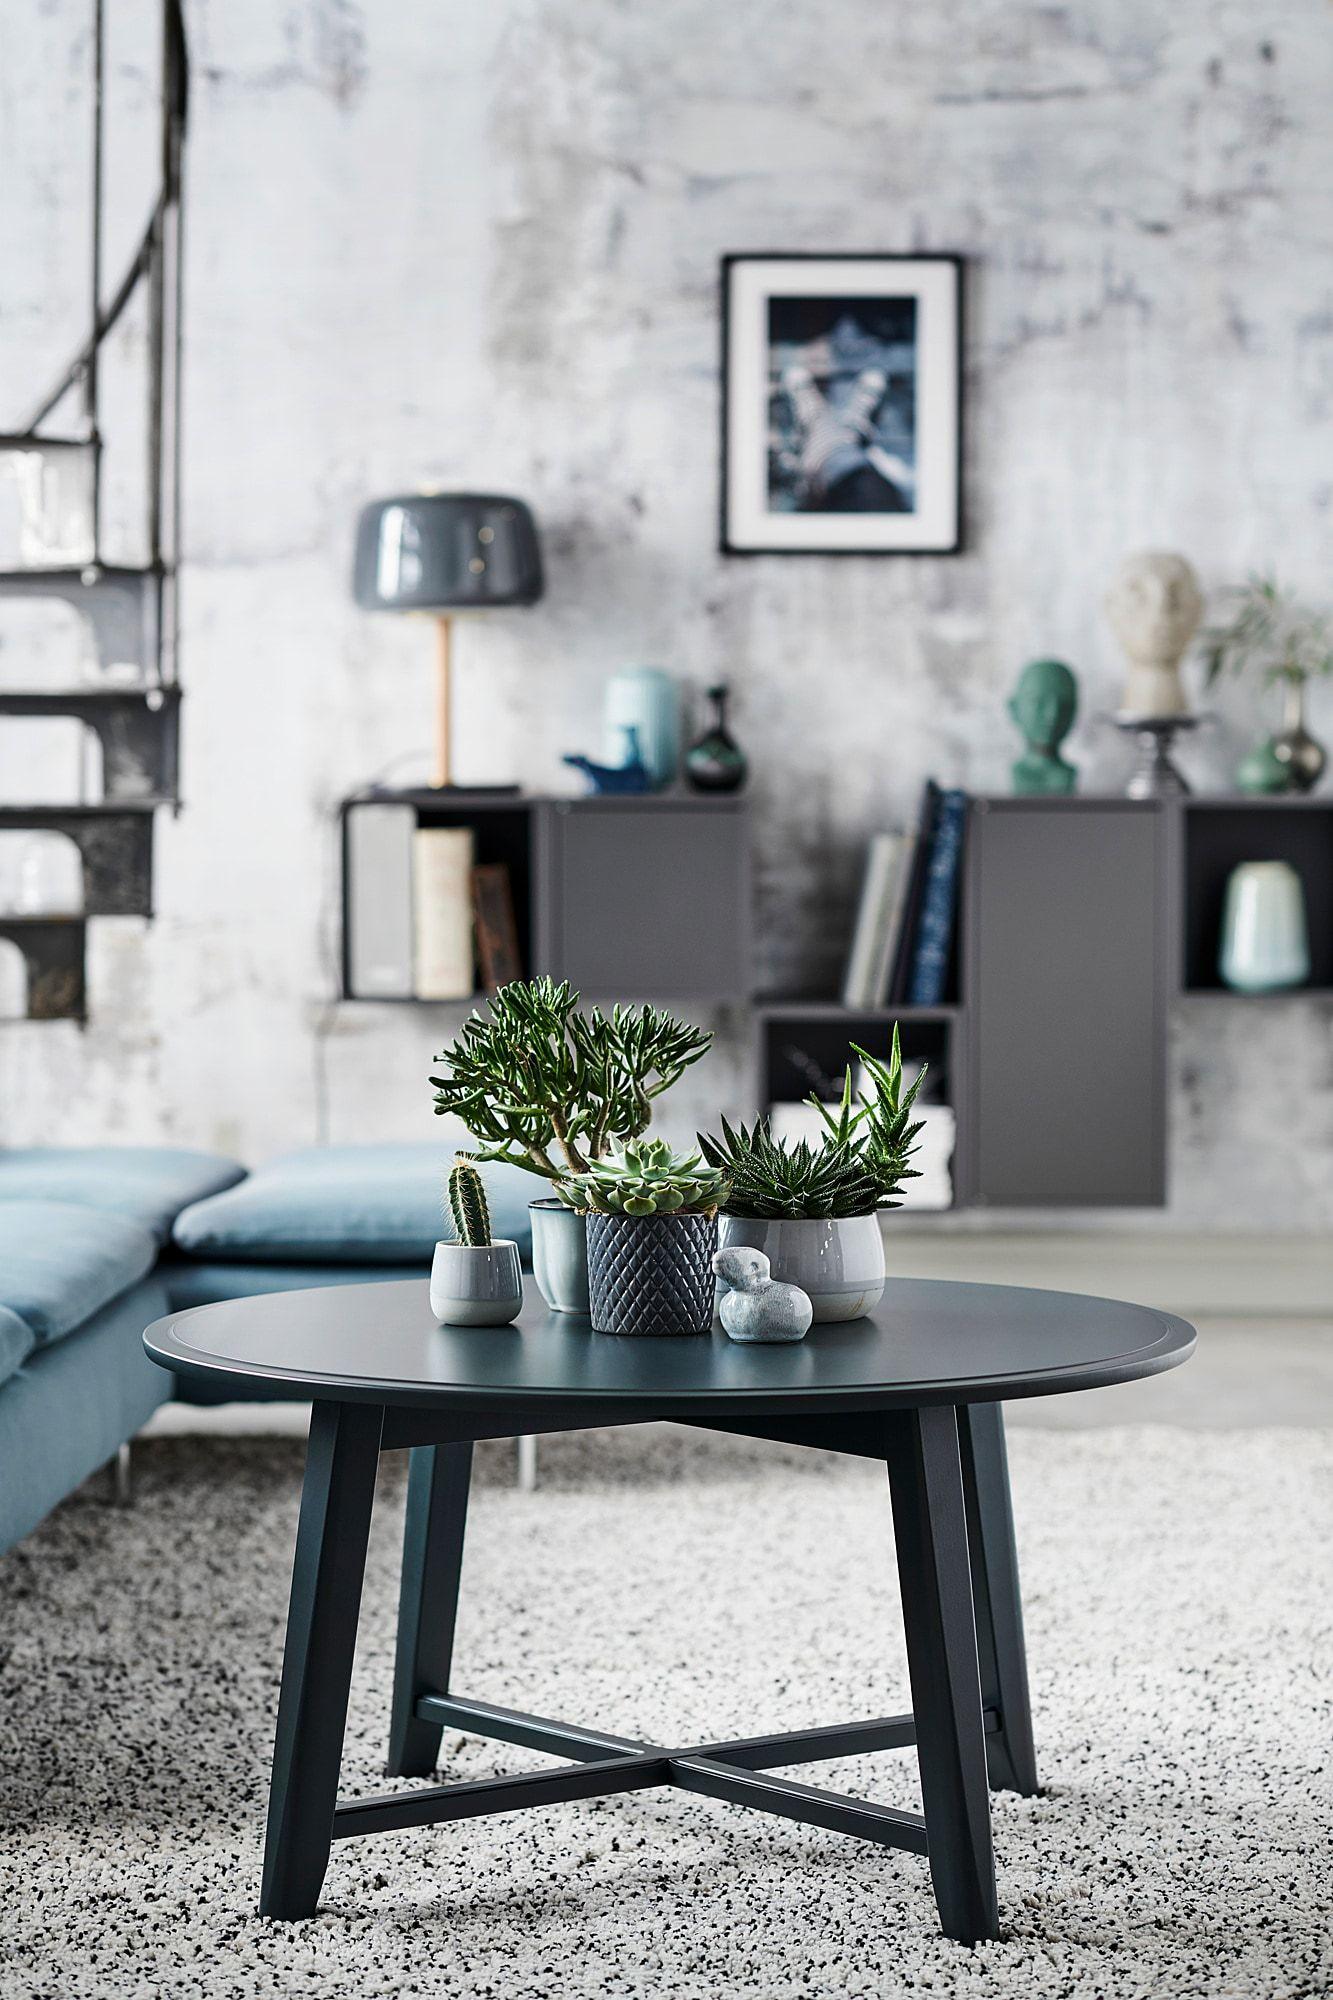 Kragsta Coffee Table Black 35 3 8 Ikea Ikea Coffee Table Coffee Table Black Coffee Tables [ 2000 x 1333 Pixel ]